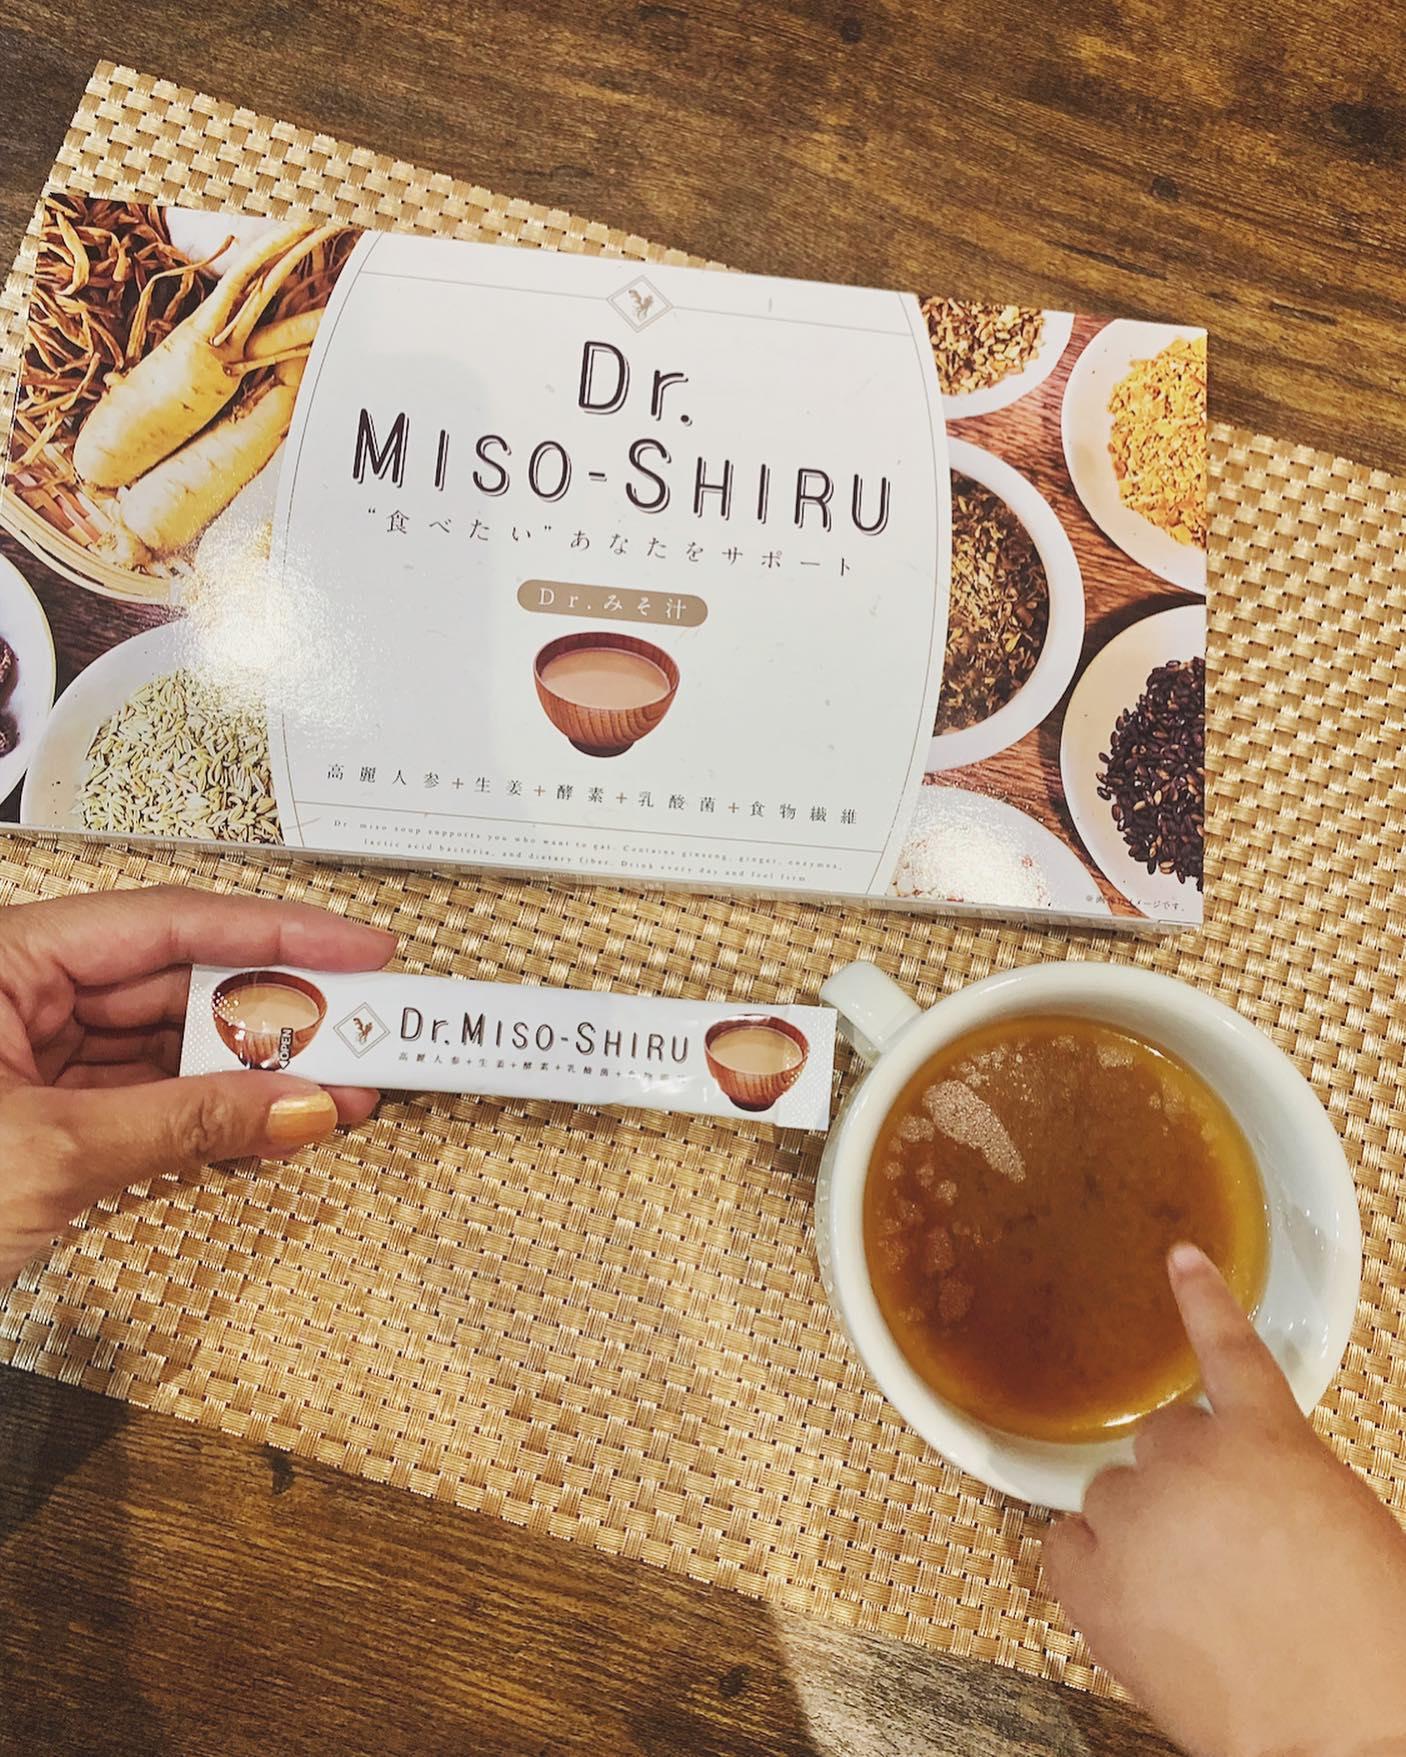 口コミ投稿:医師と共同開発されたダイエットお味噌汁Dr.味噌汁 @dr_misoshiru 発酵食品は昔…